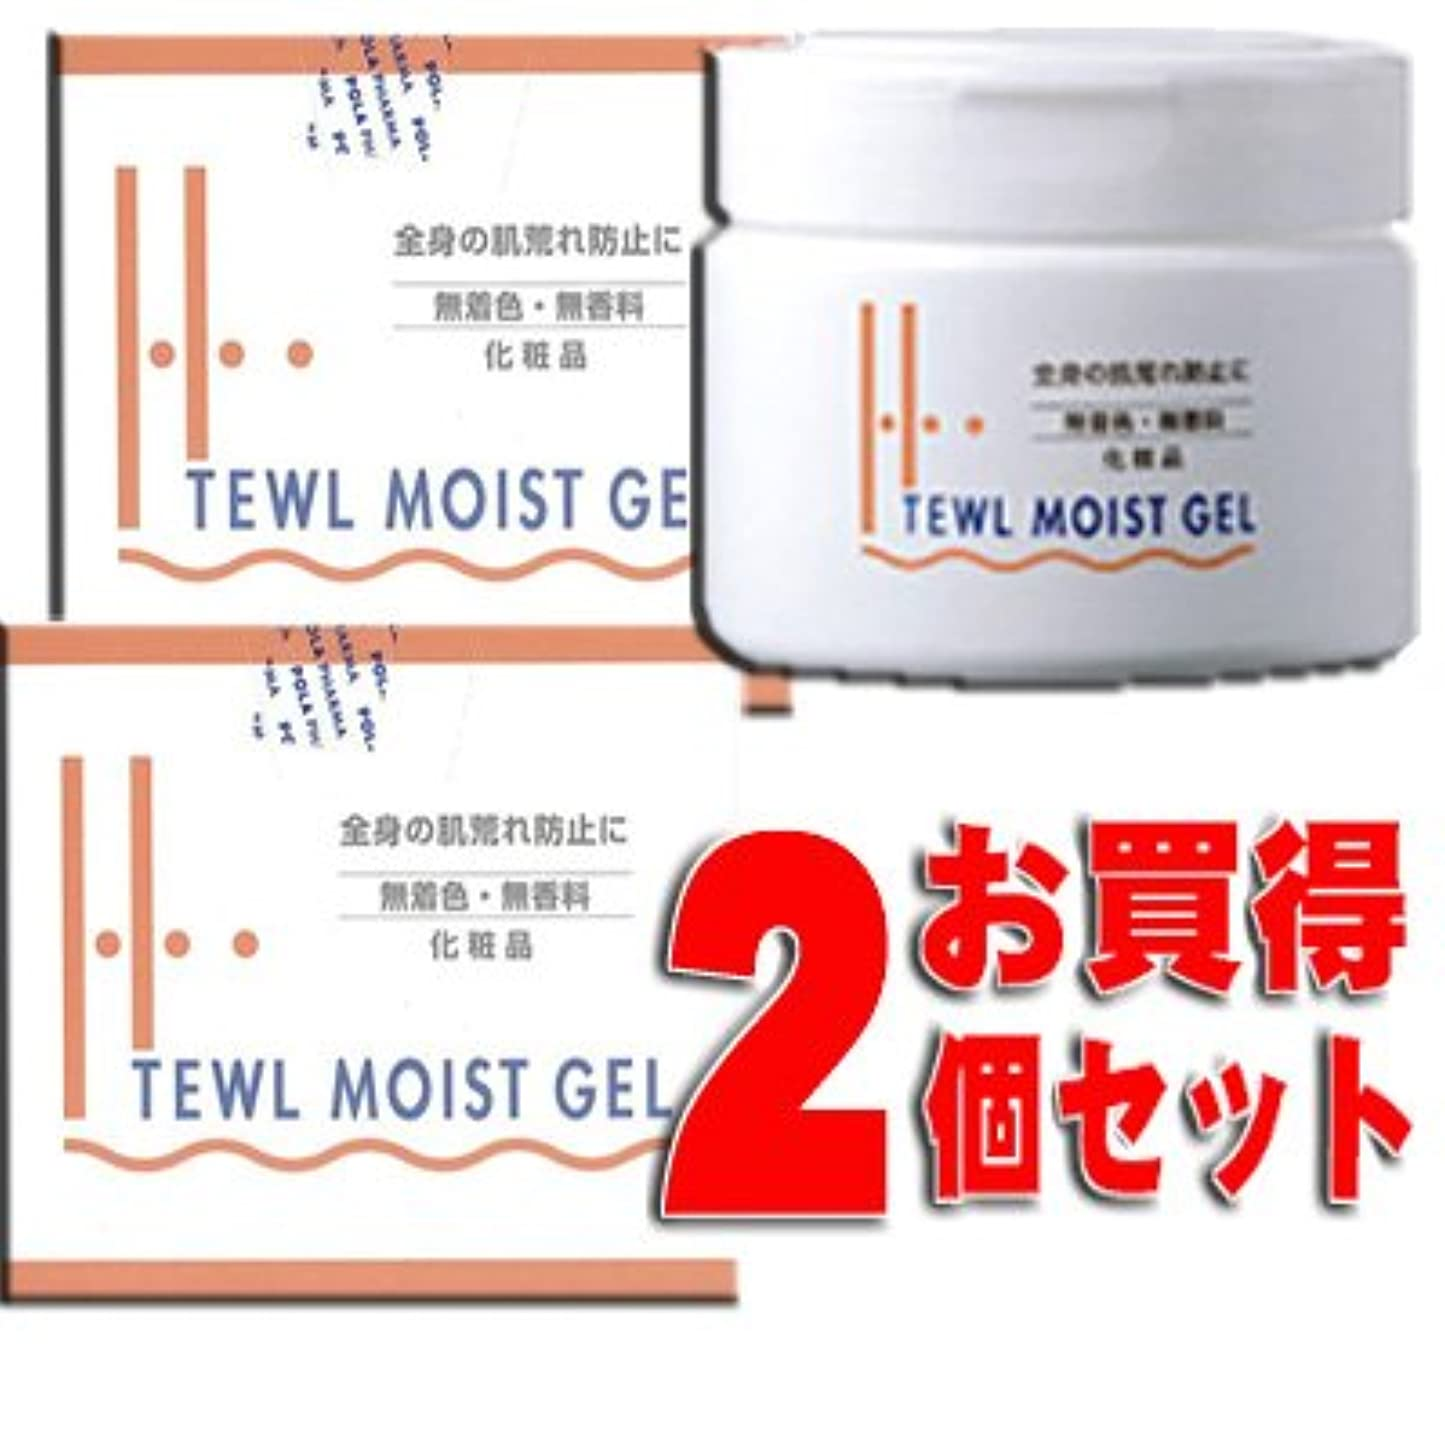 程度認識中傷★お買得2個★ ハイテウル モイストジェル 300gx2個 (ポーラファルマ)エタノールや界面活性剤に敏感な方へおすすめするゲルクリームです。